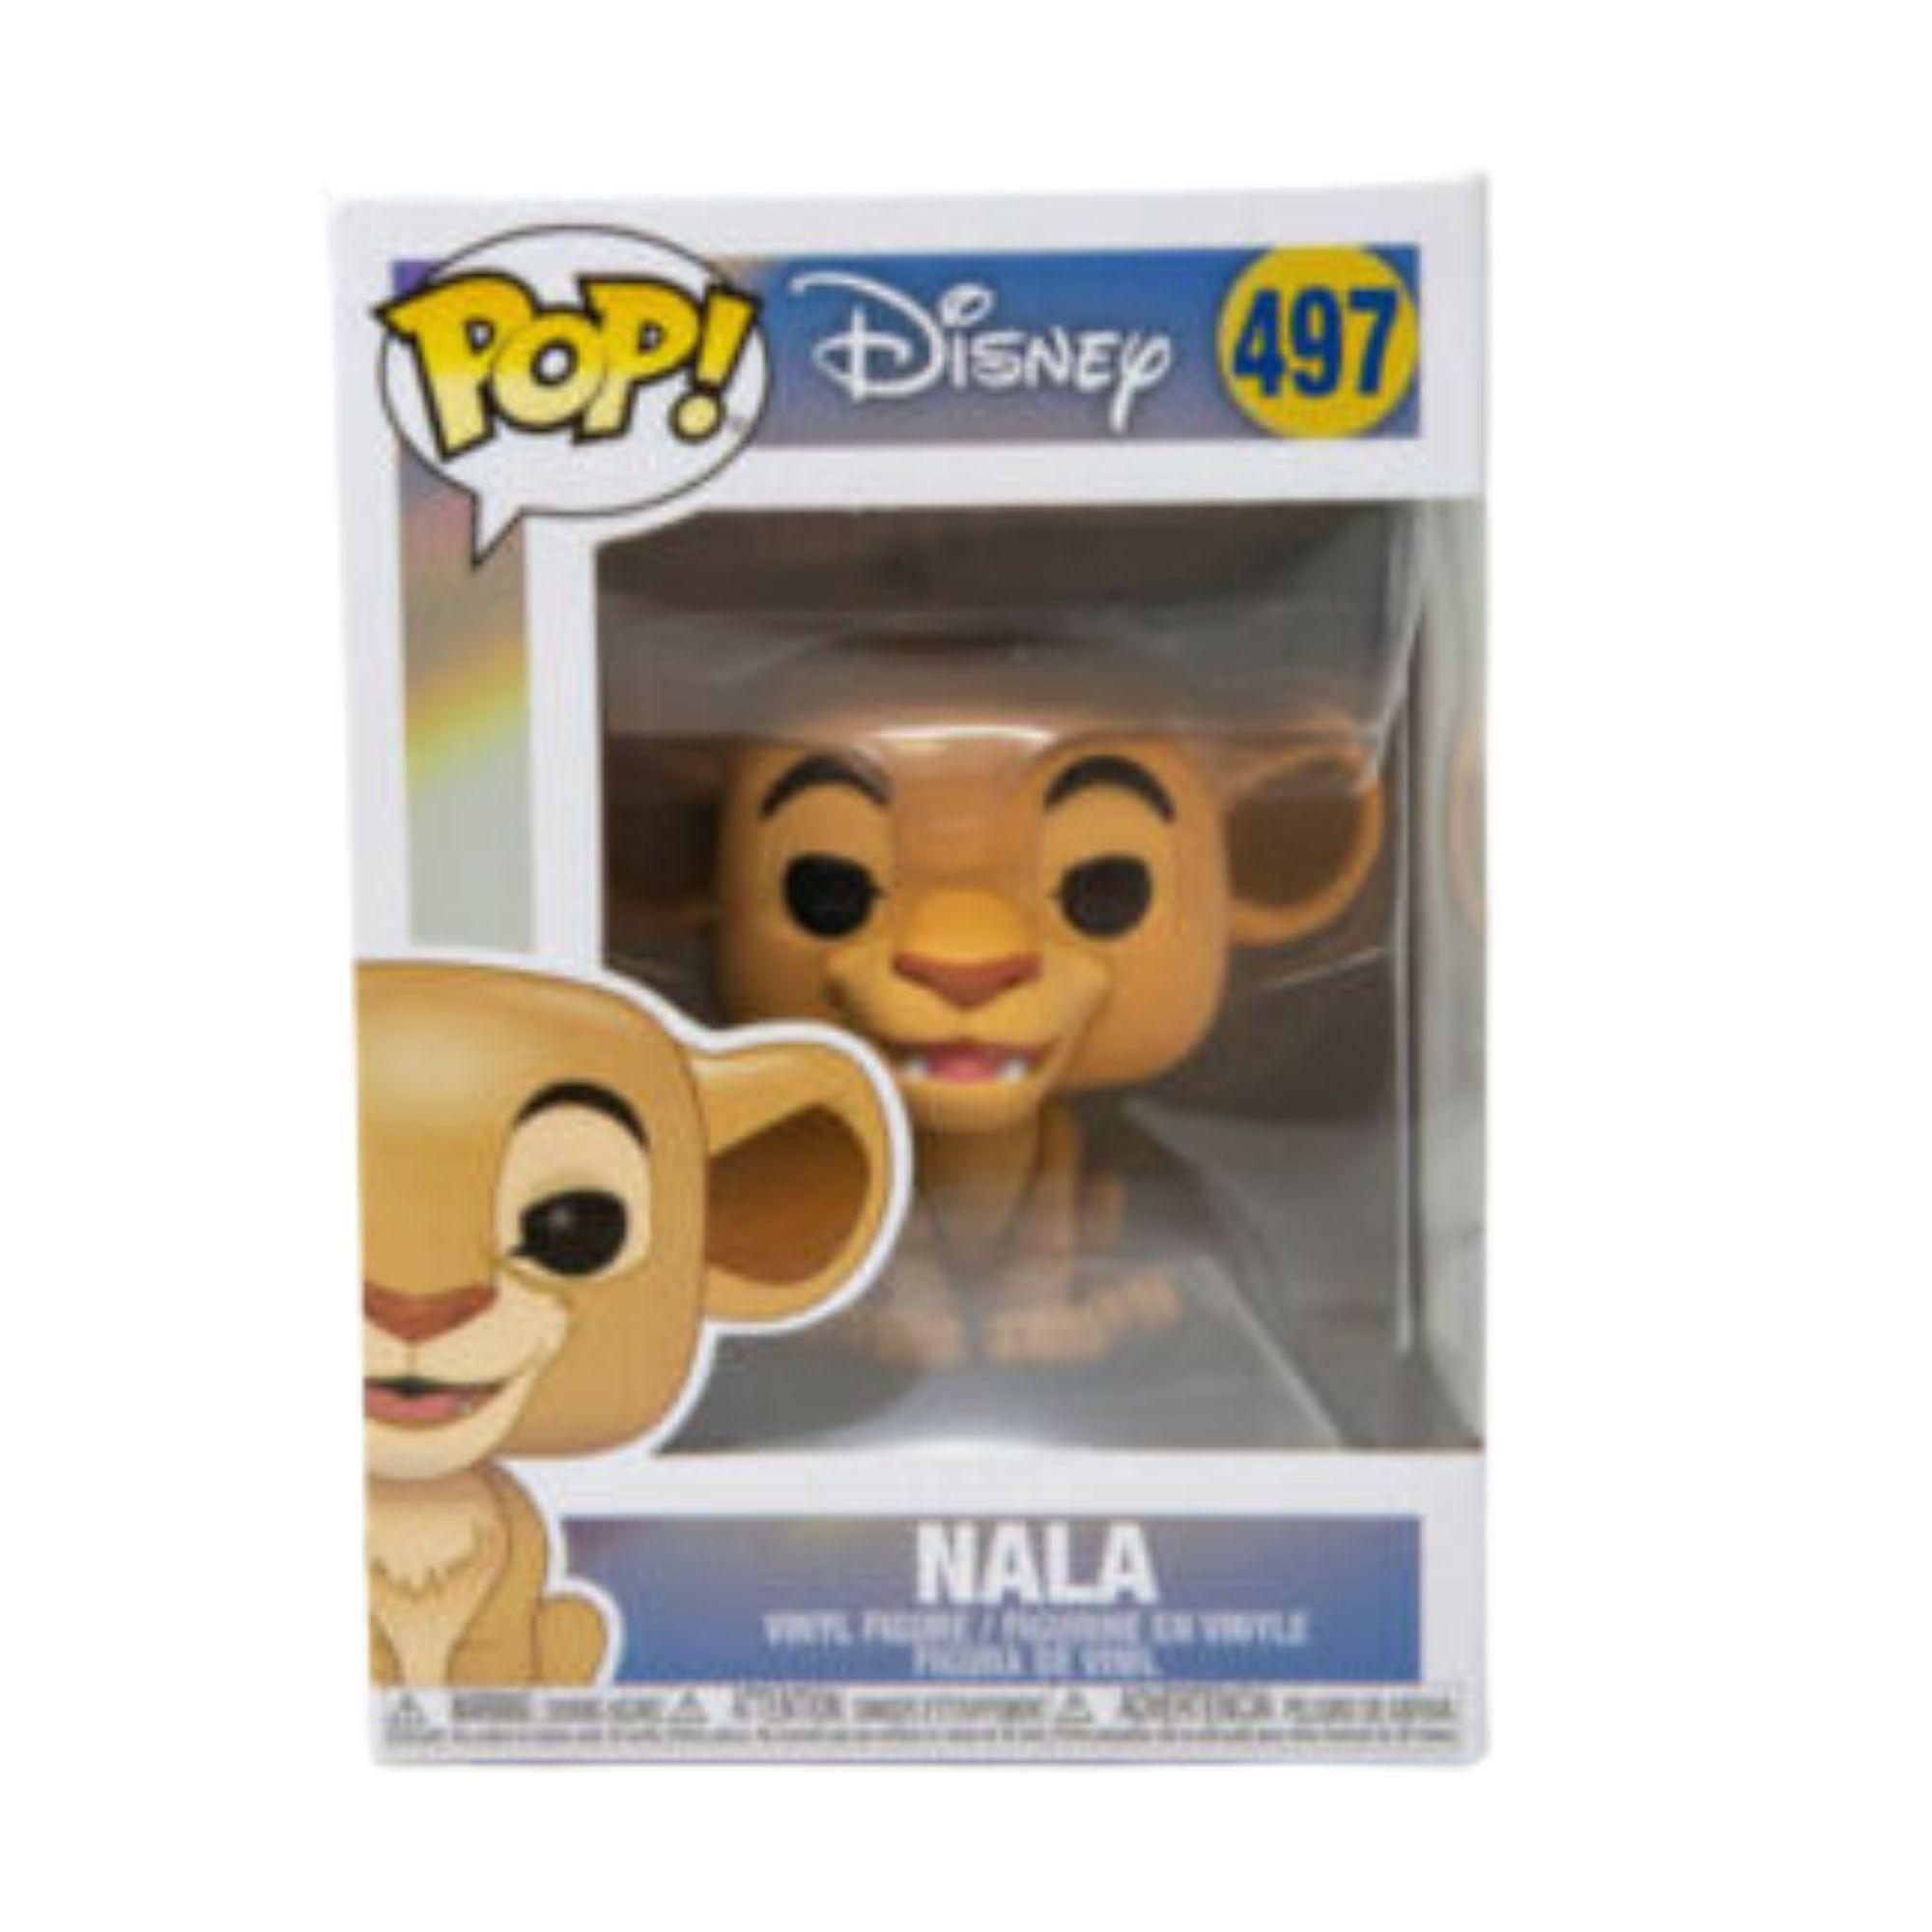 Funko Pop Disney Rei Leão Nala #497  - Game Land Brinquedos